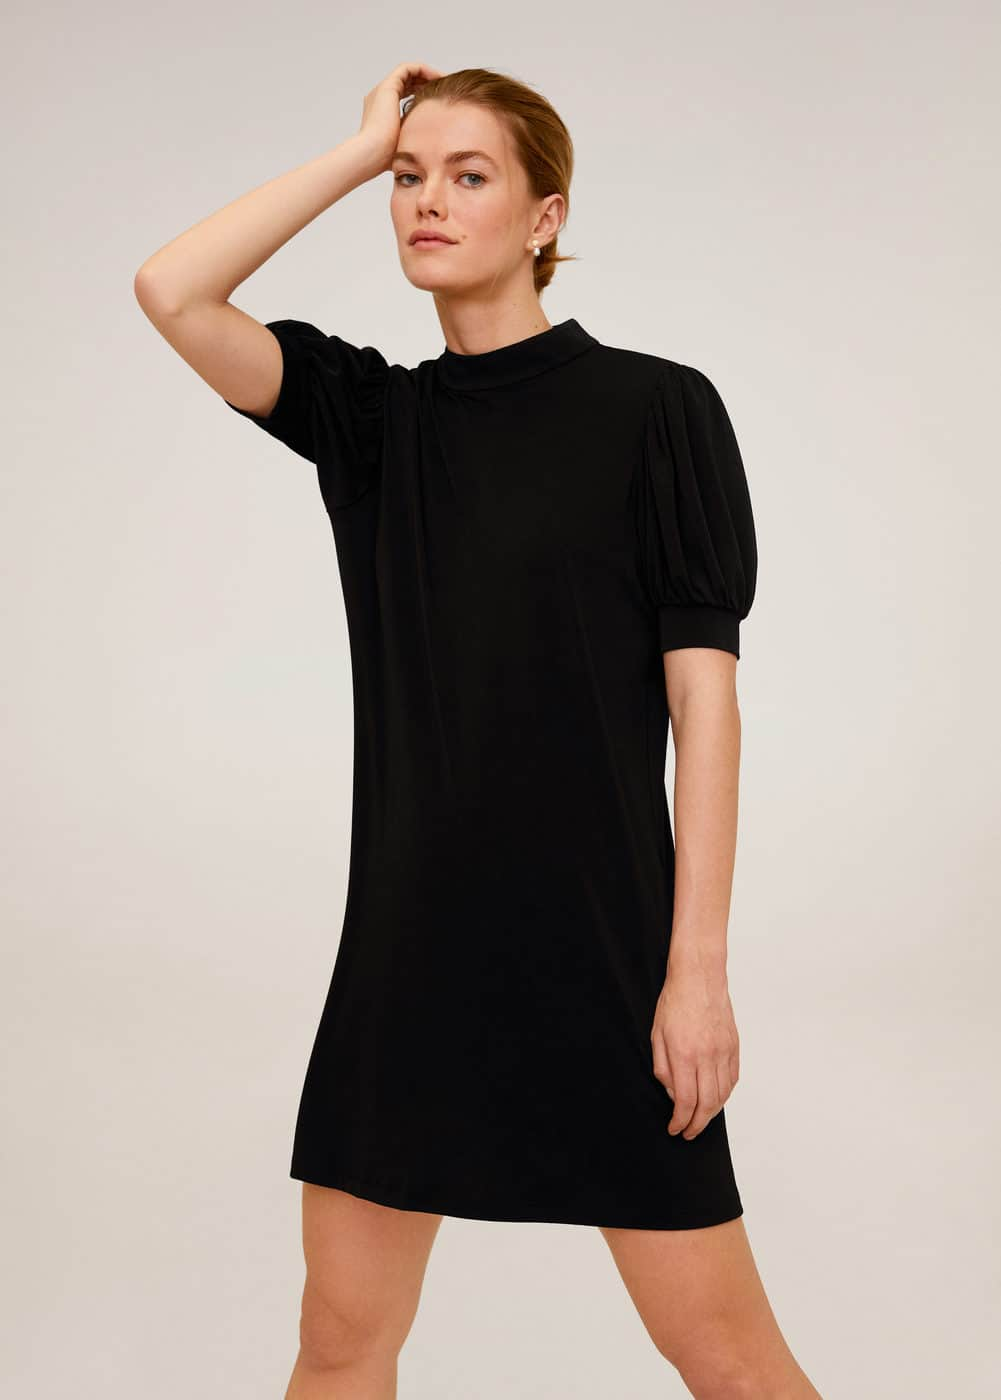 Платье -- - Женская | OUTLET Россия (Российская Федерация)